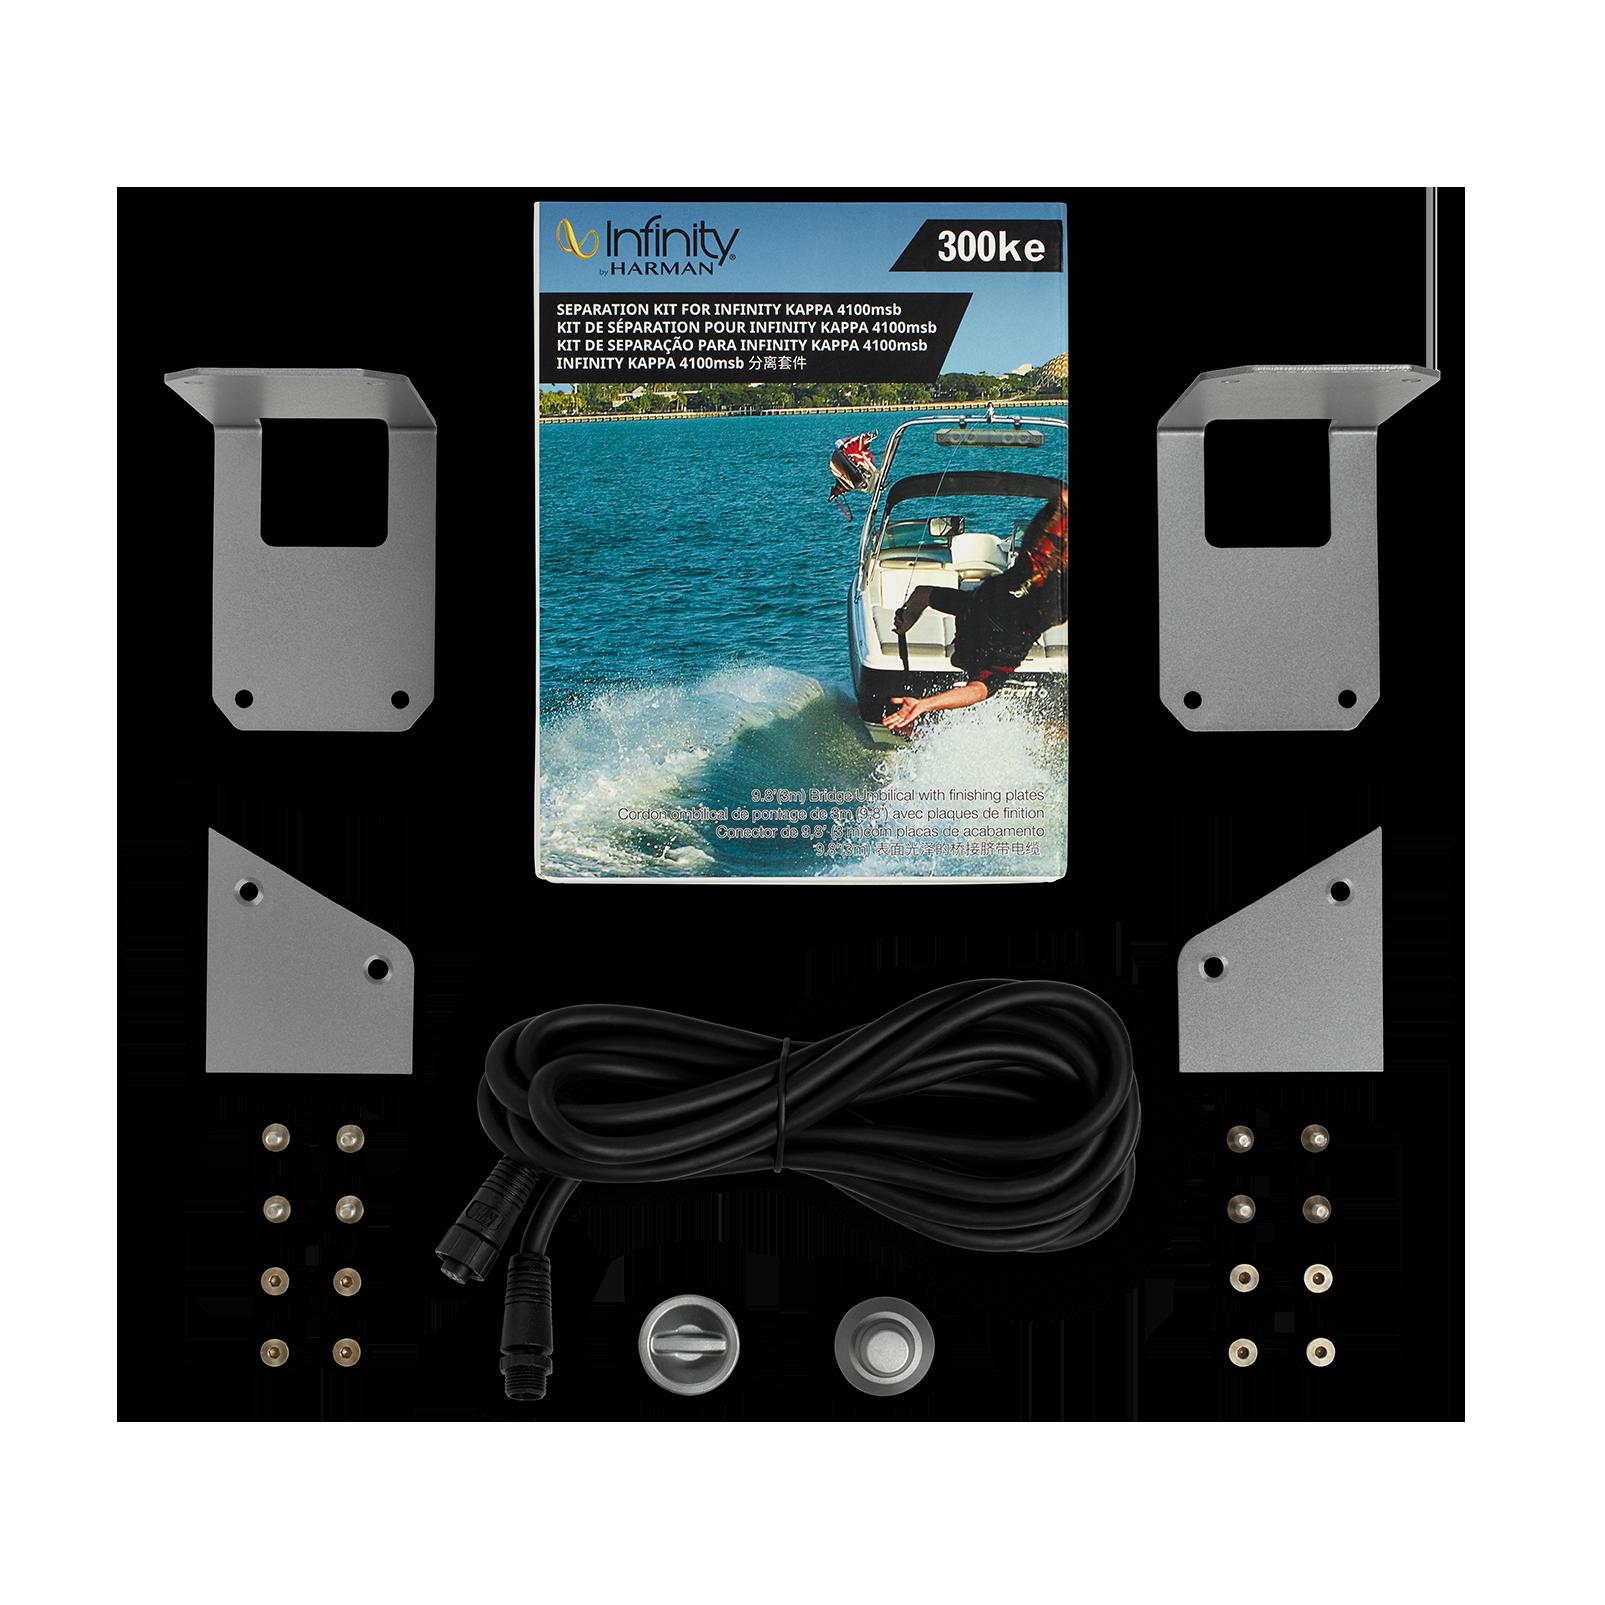 Infinity 300KE Separation Kit